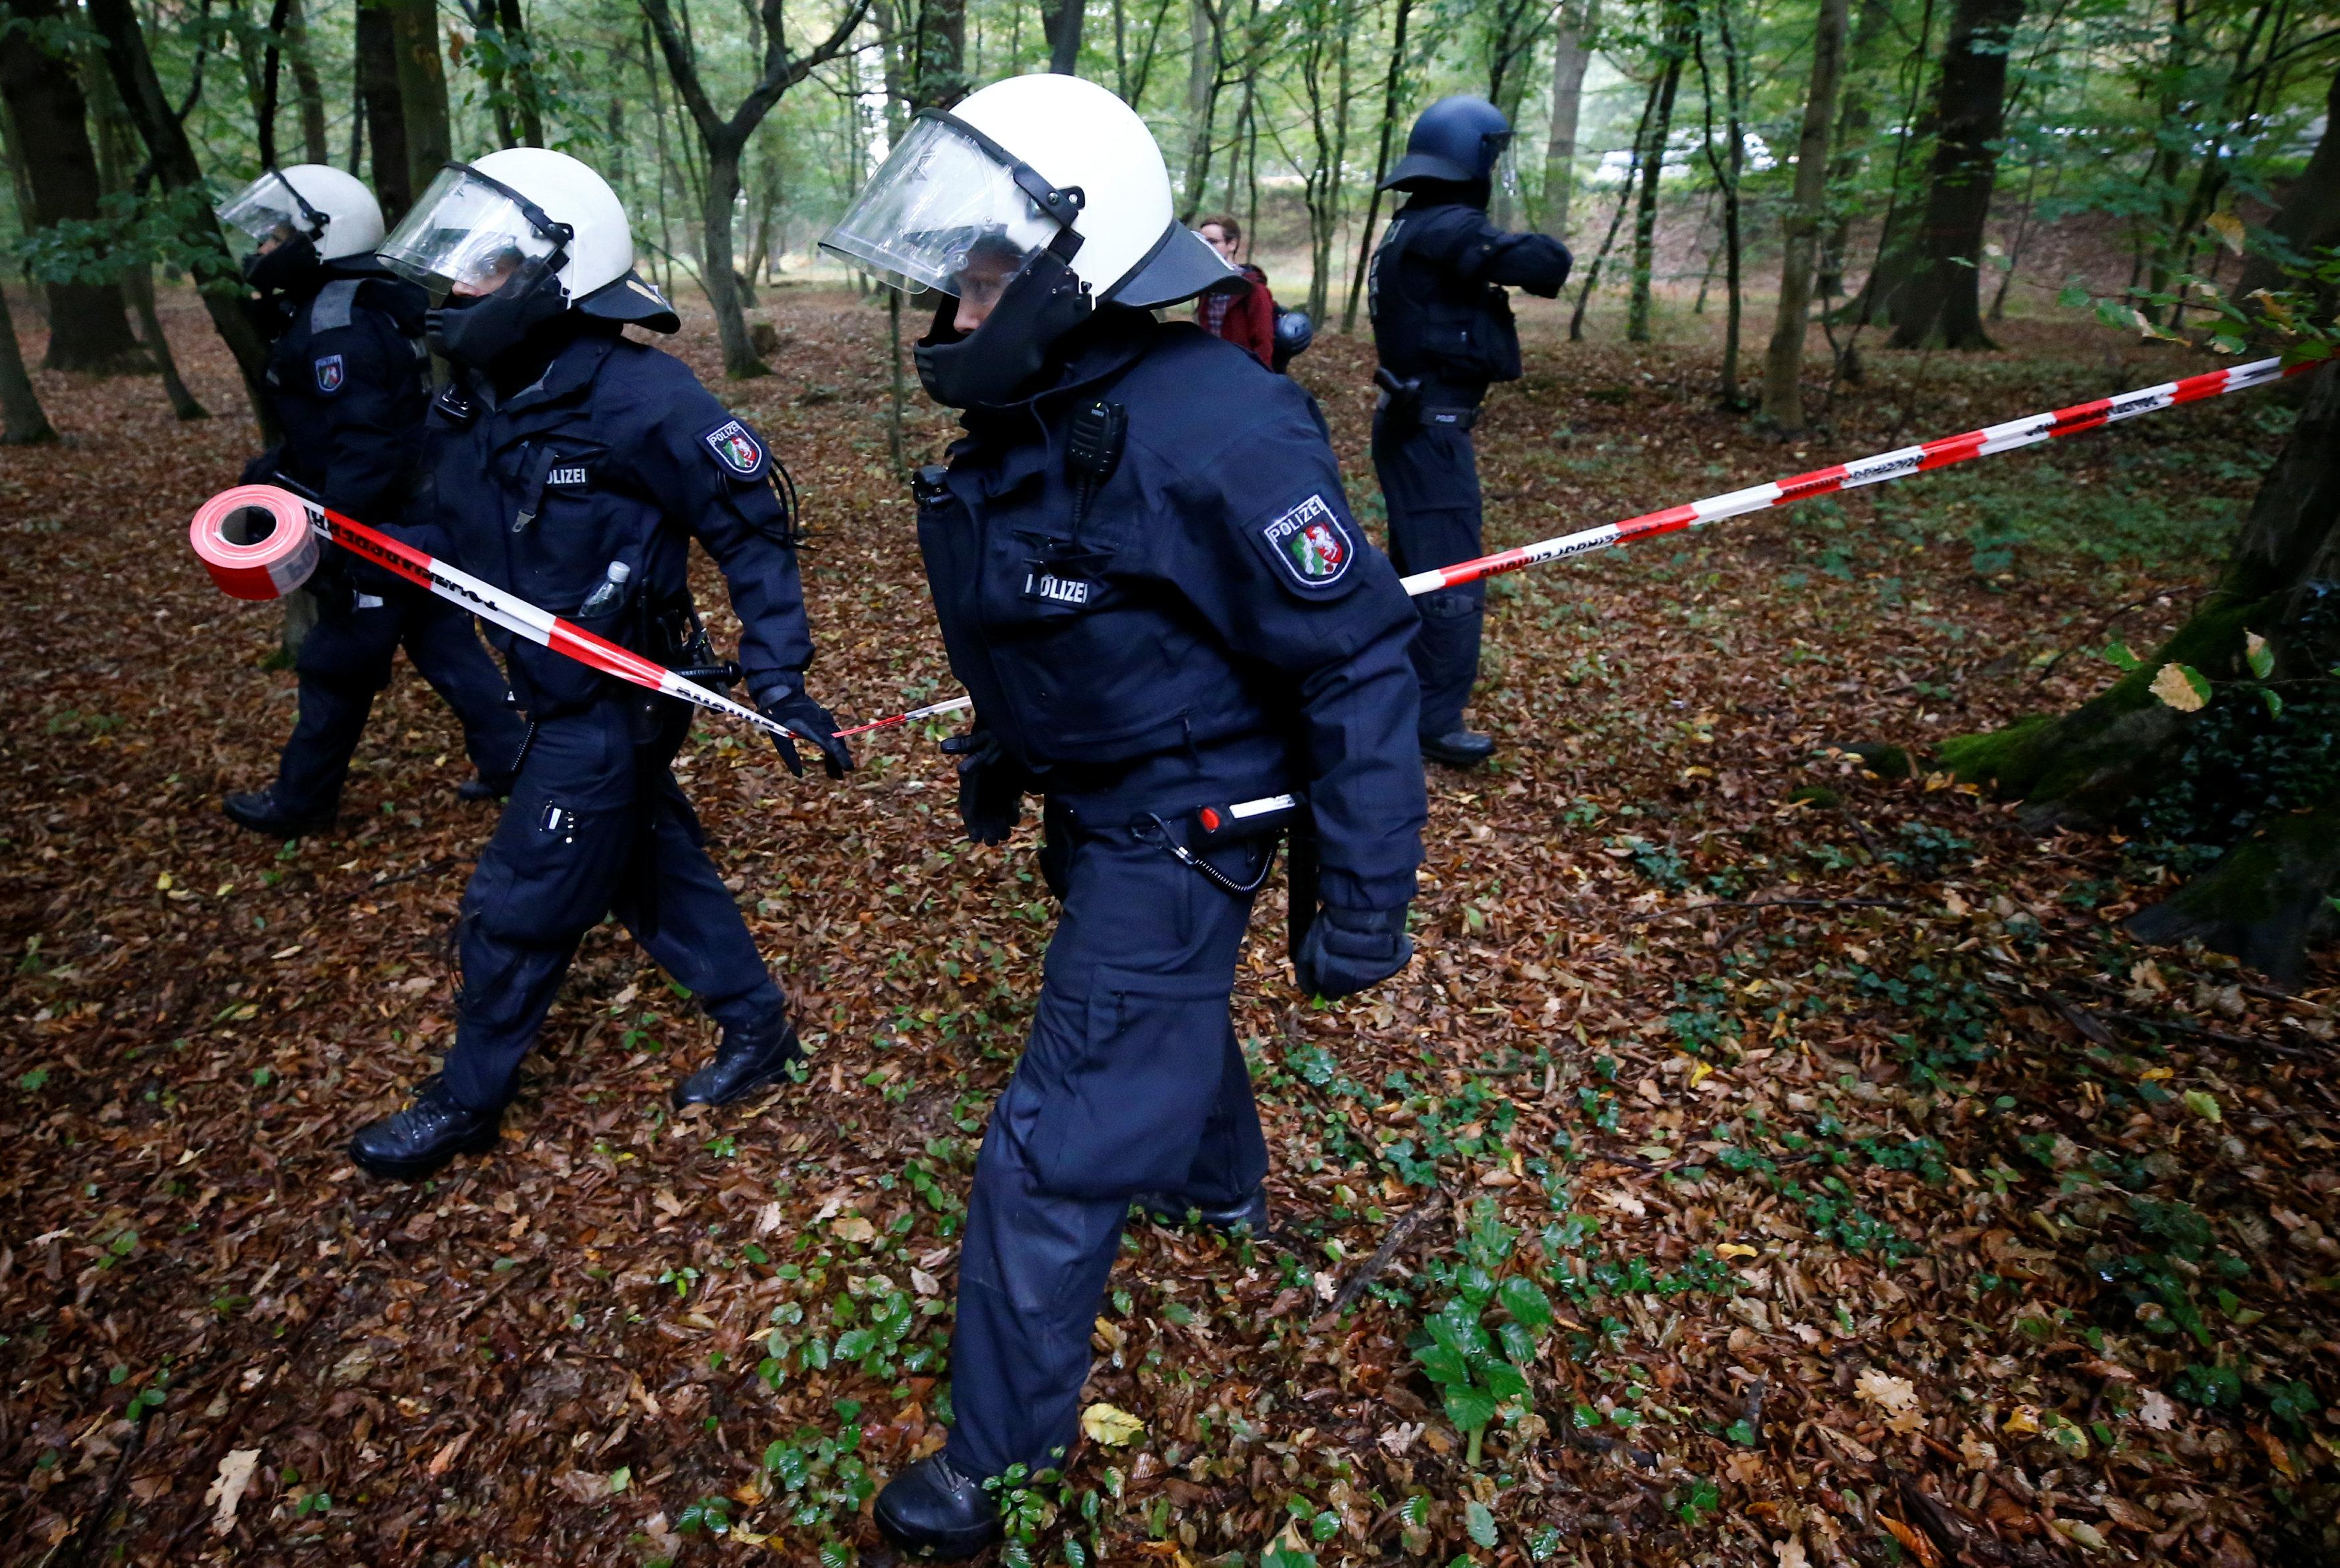 قوات الشرطة الألمانية تكثف انتشارها بالغابة